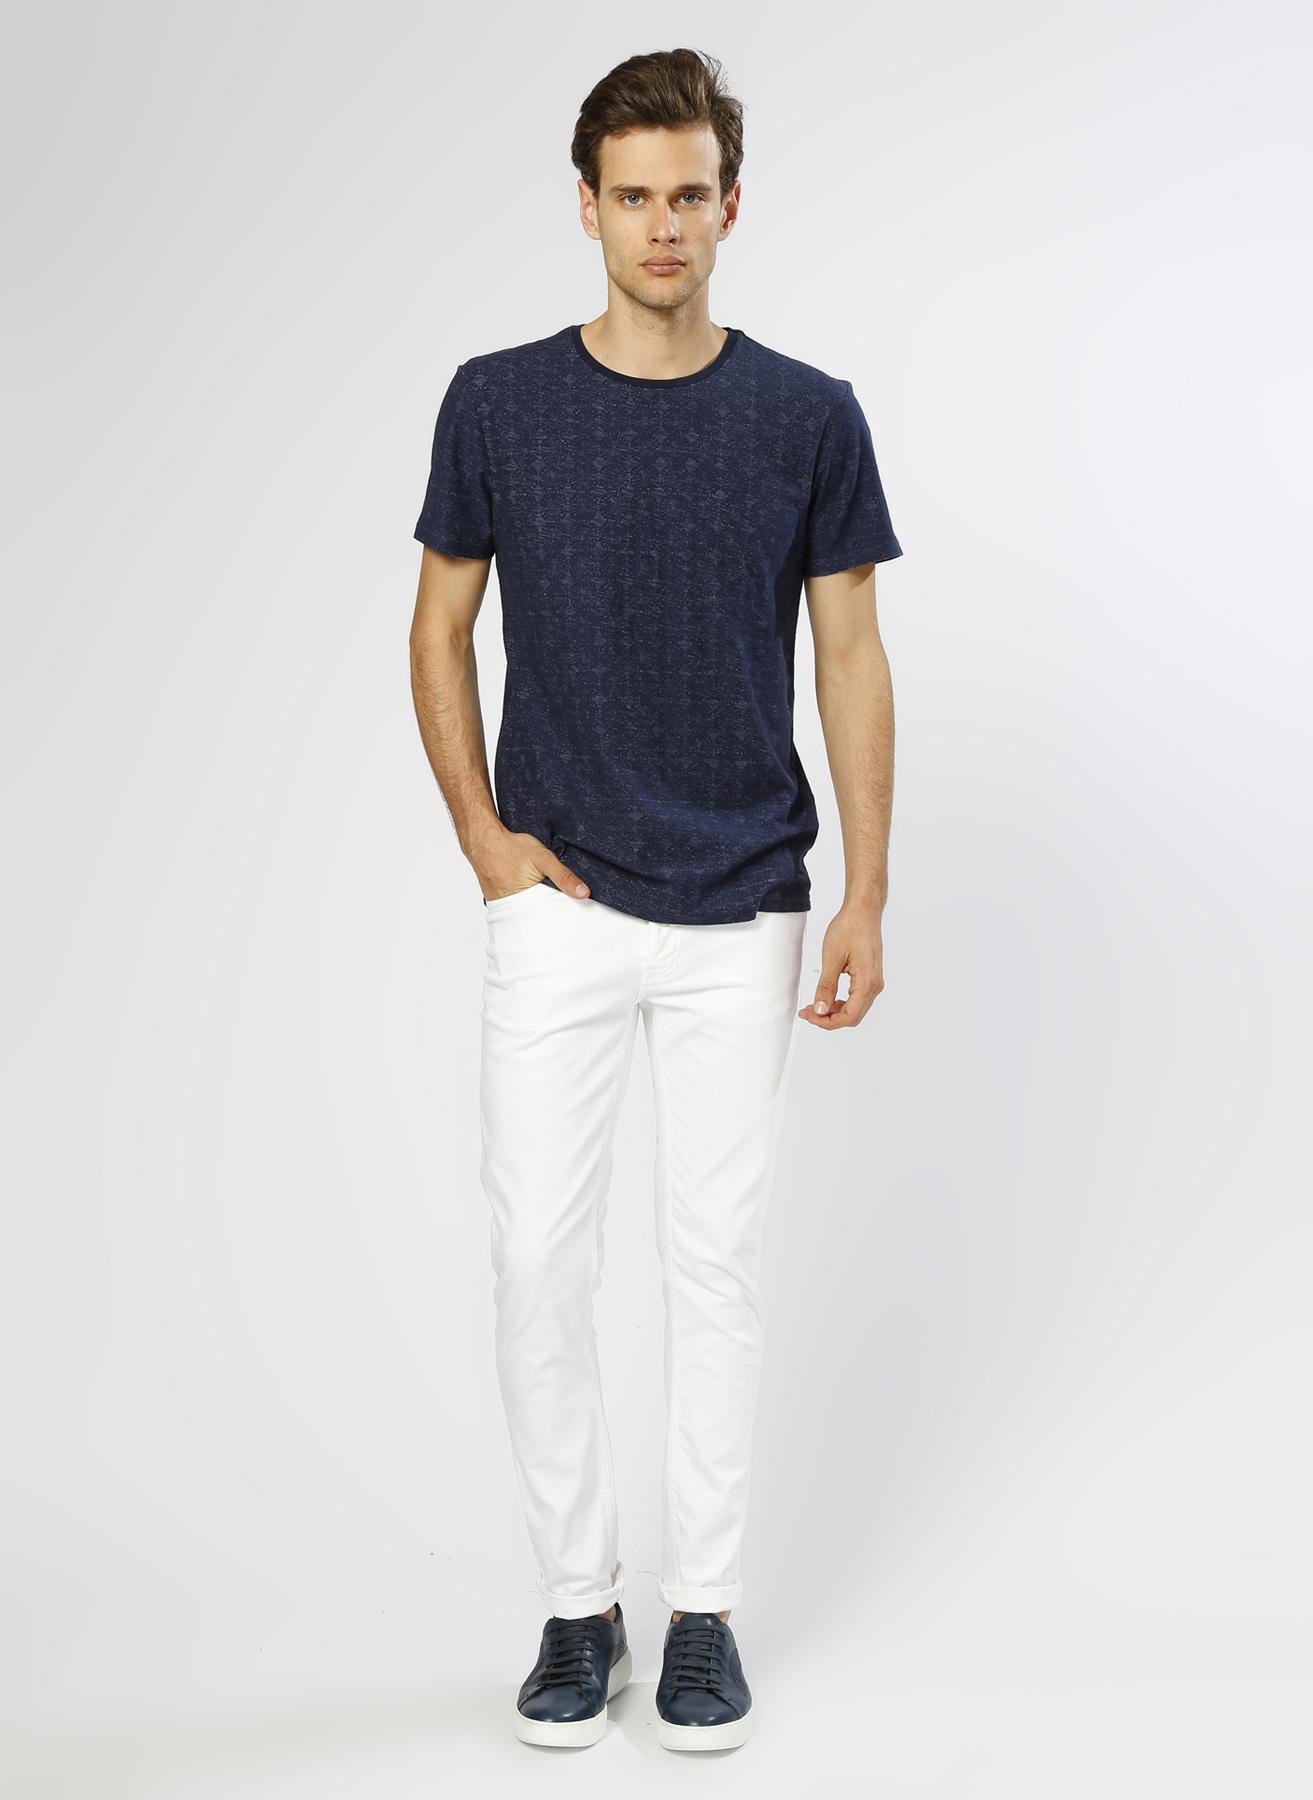 Loft Beyaz Klasik Pantolon 32-30 5000201934008 Ürün Resmi